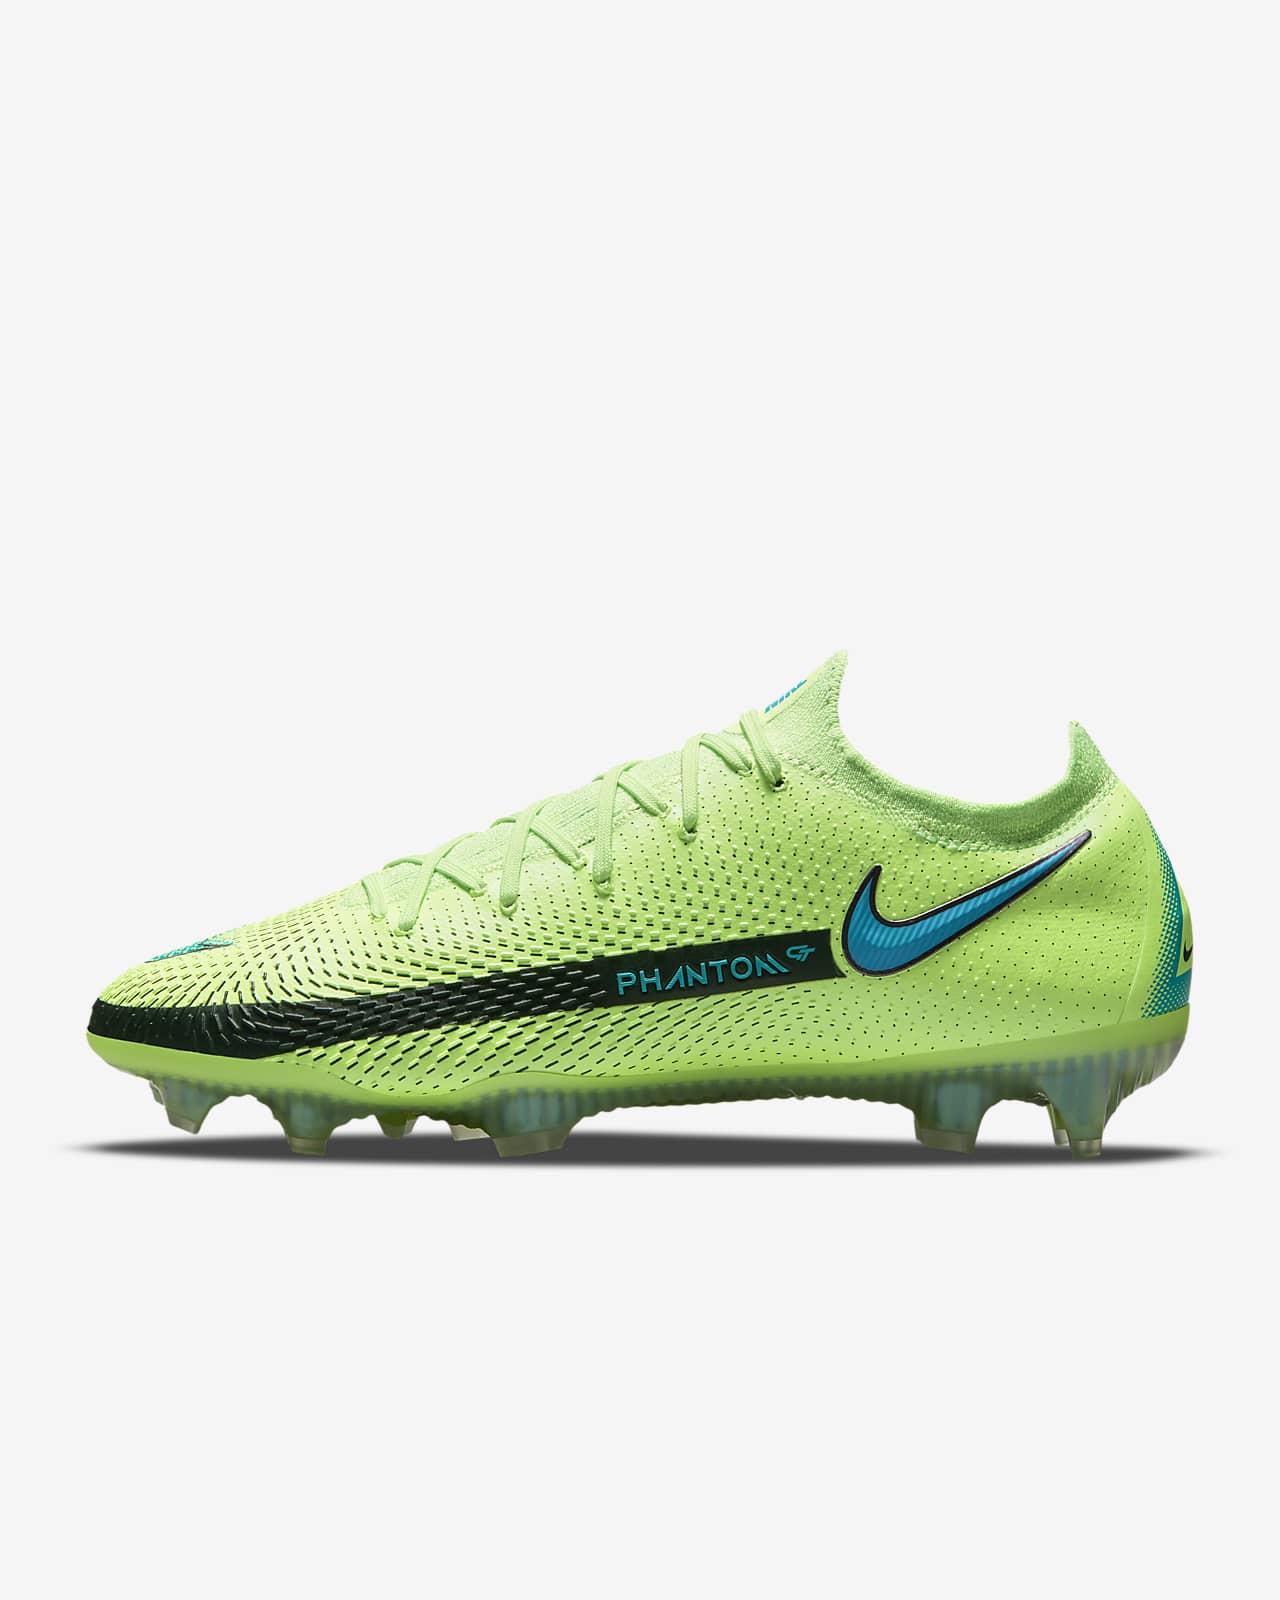 Nike Phantom GT Elite FG fotballsko til gress